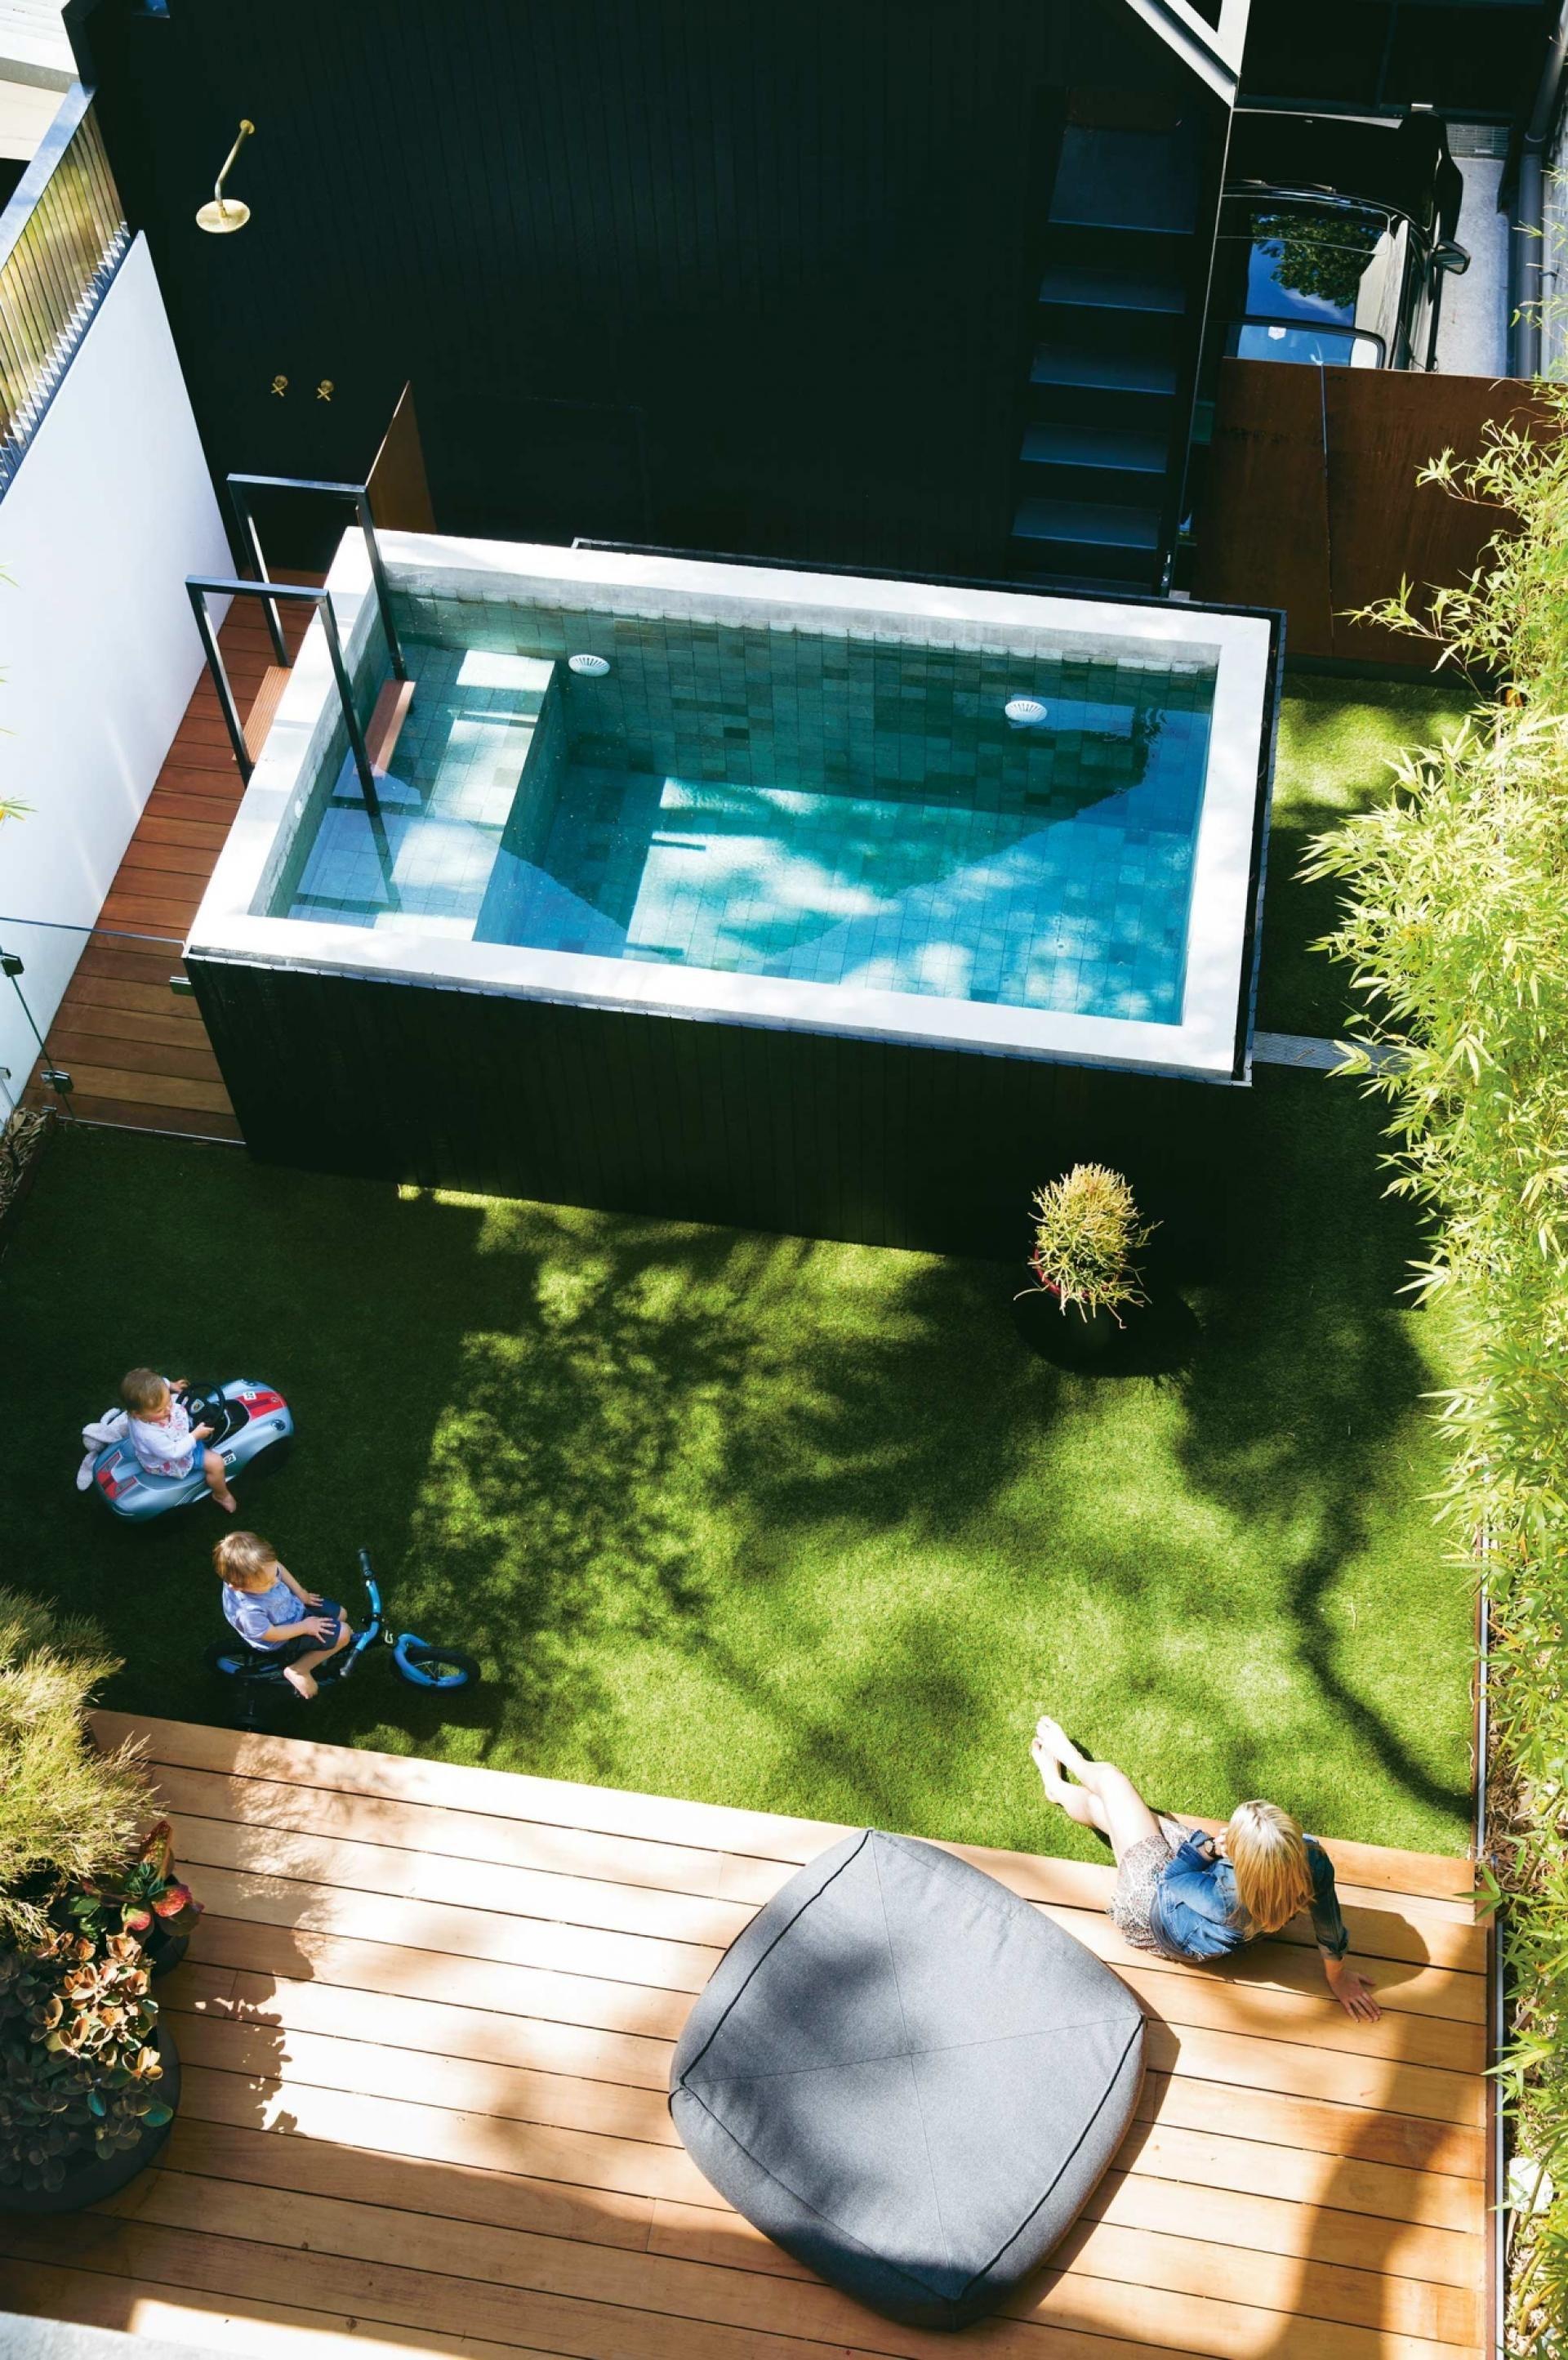 Kleine tuin met terras buitendouche n zwembad tuin for Zwembad achtertuin